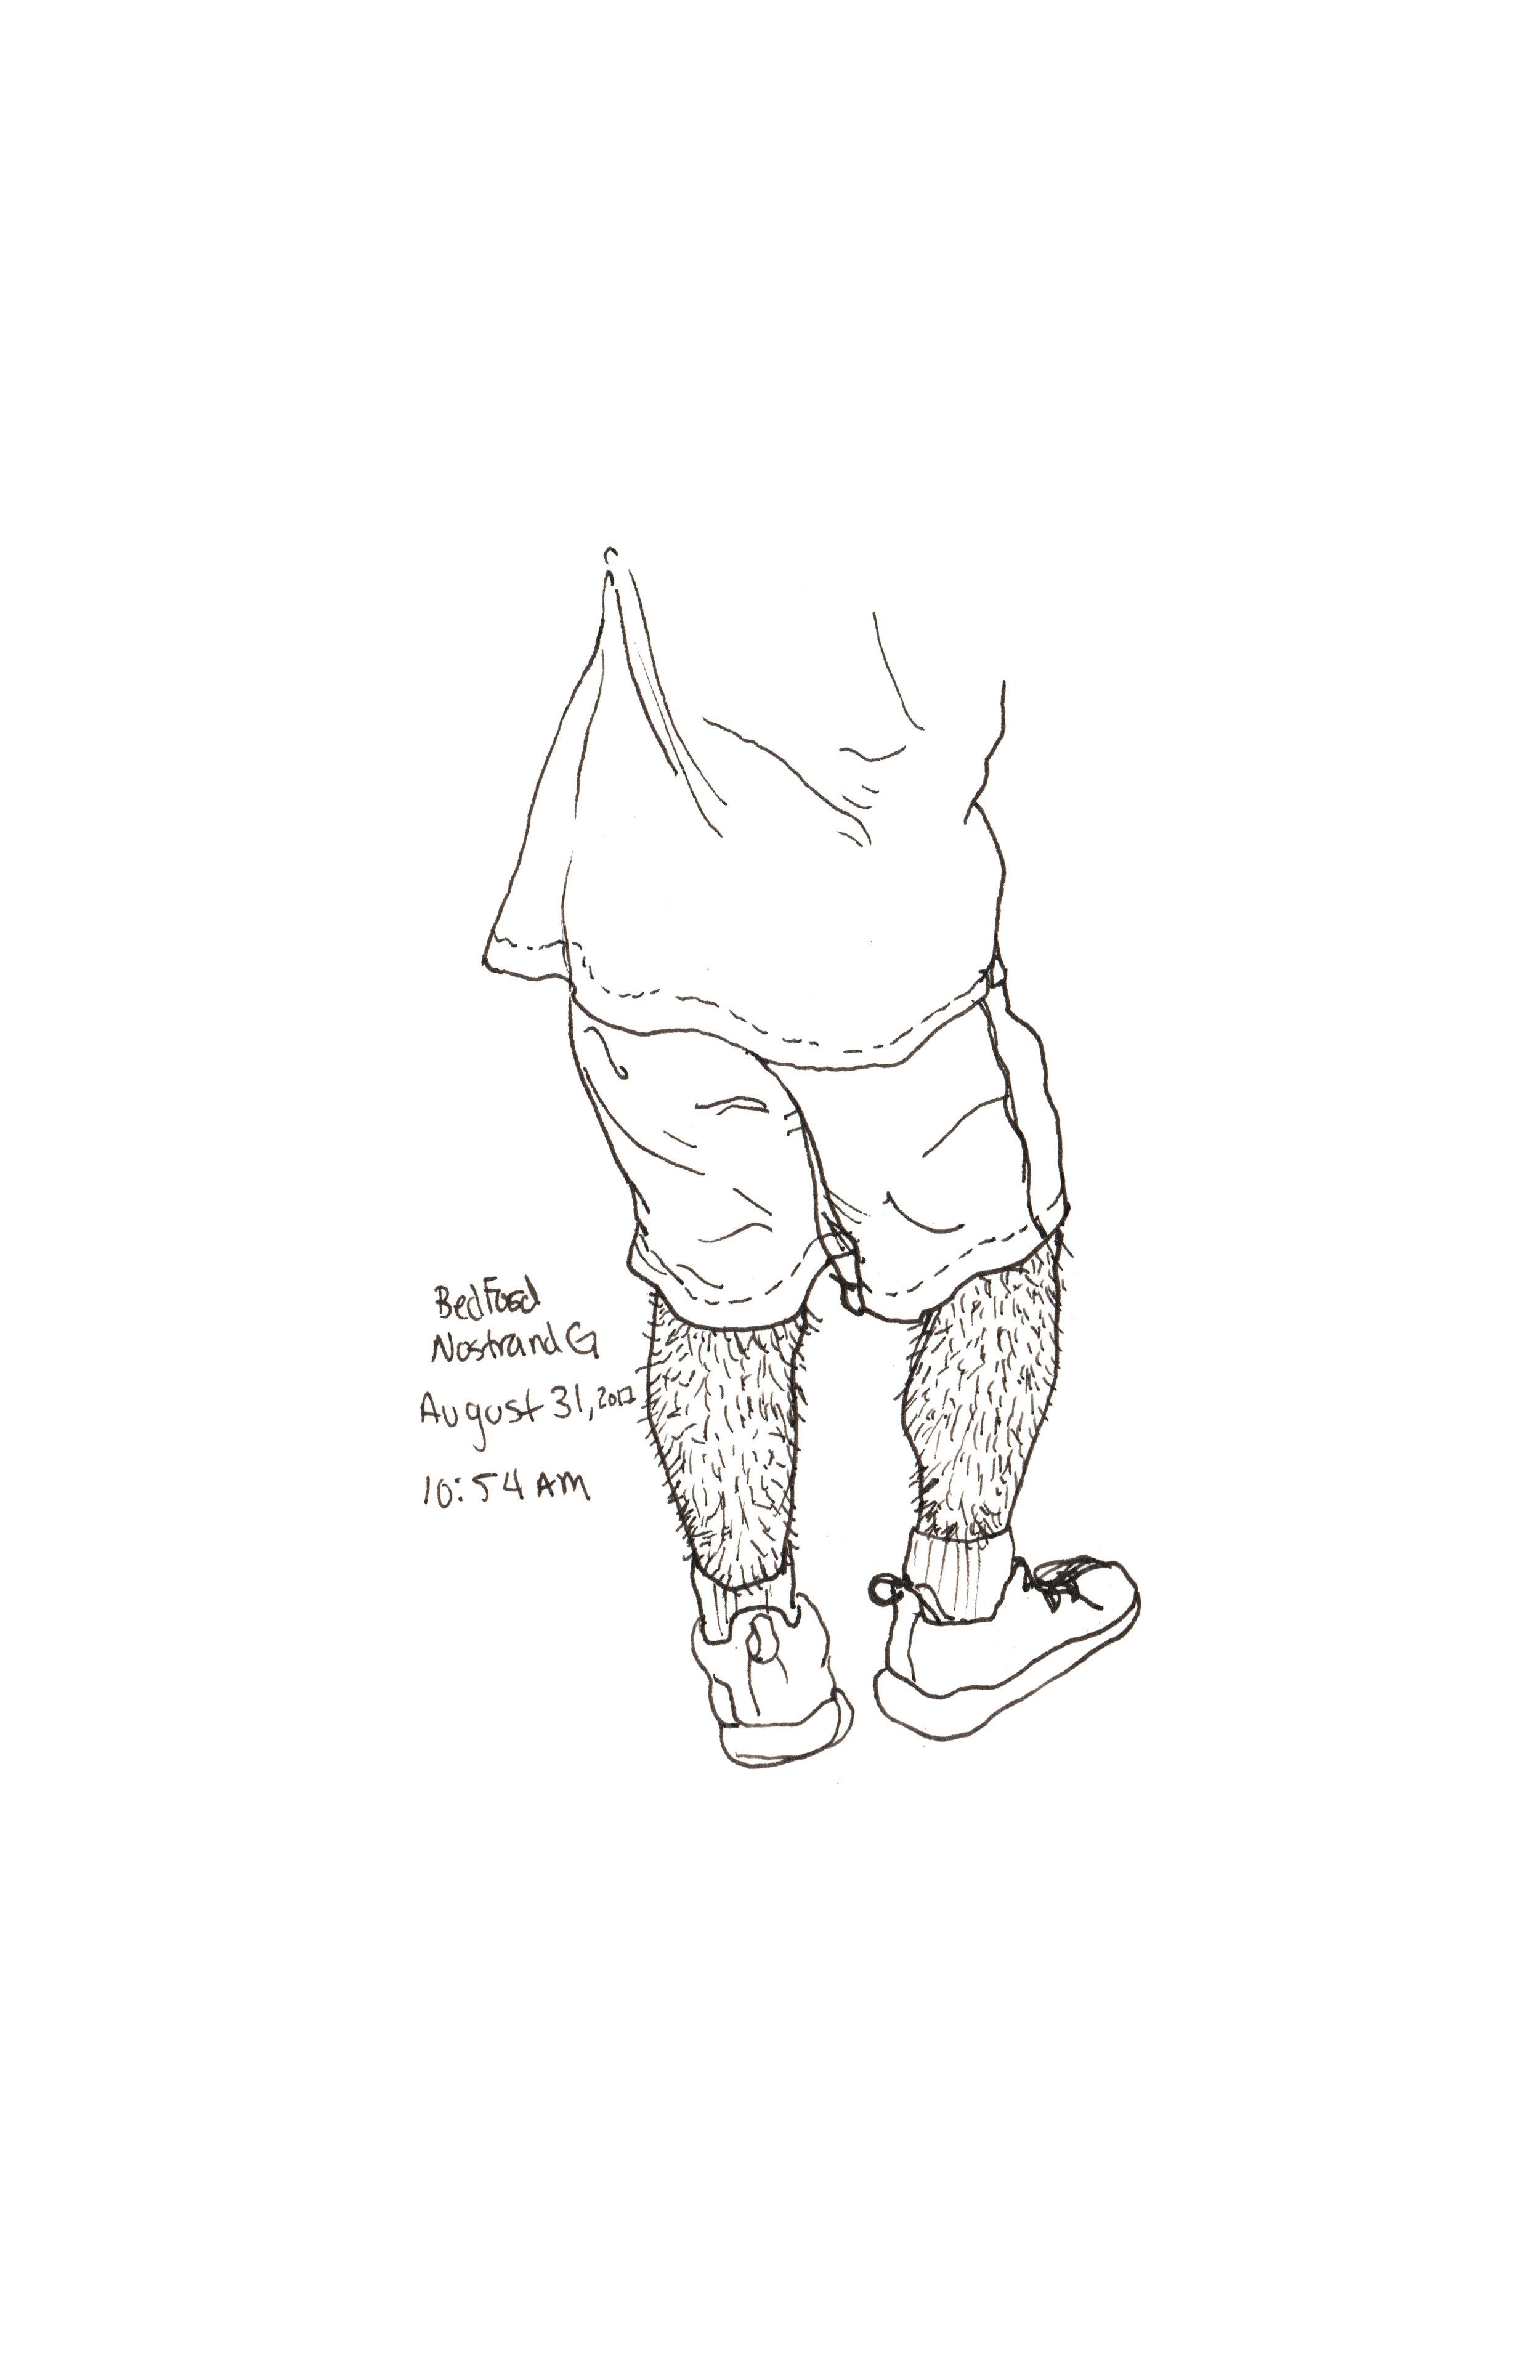 Butt39.jpg